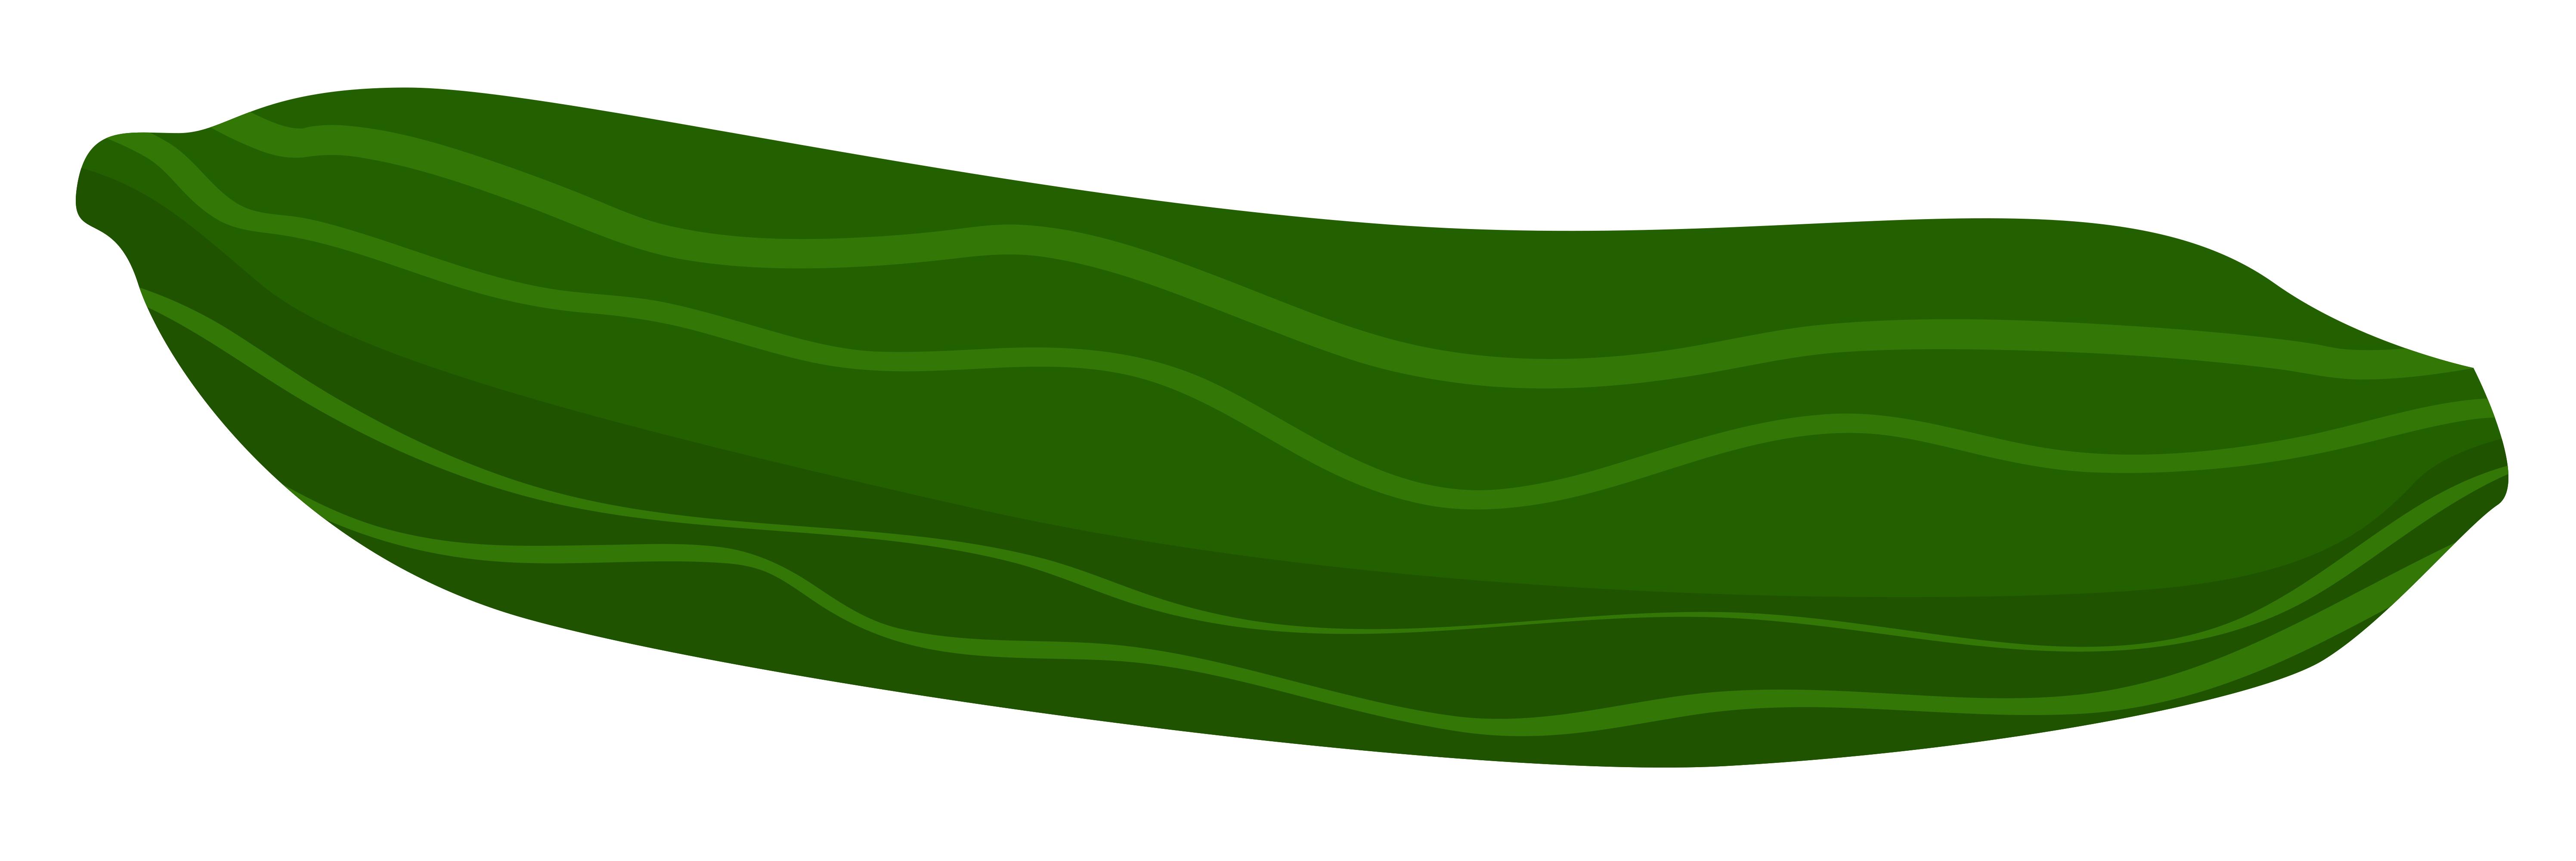 Cucumber Clip Art - Cliparts.co